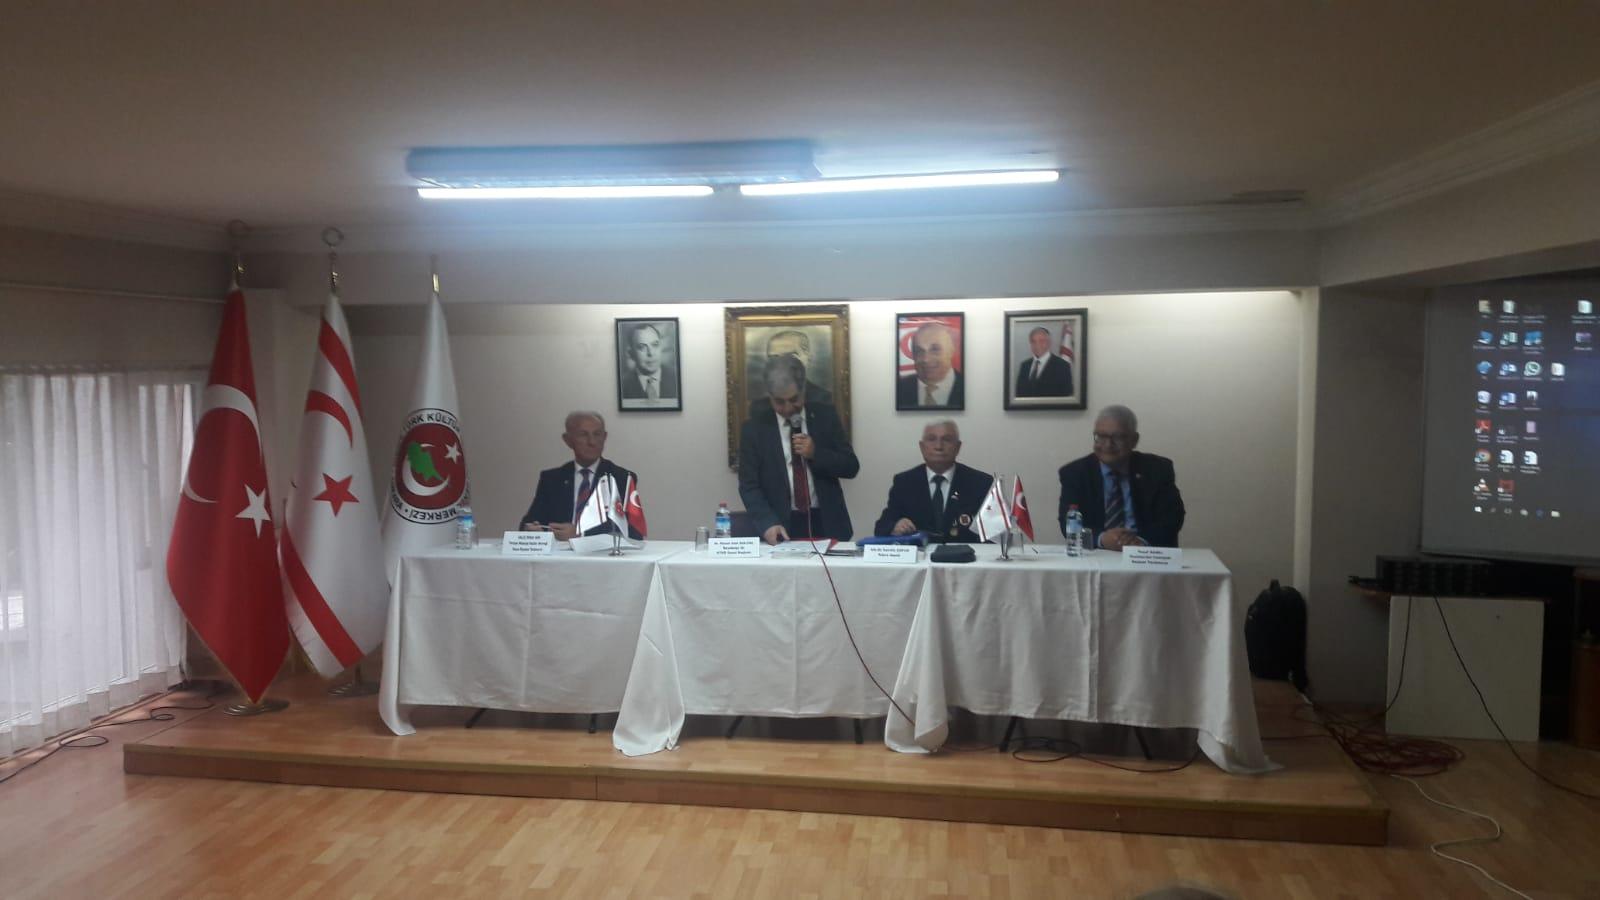 Kıbrıs Türk Barış Harekâtı'nın Siyasal, Ekonomik, Stratejik, Jeopolitik Etkileri Sonuçları Ve Doğu Akdeniz'deki Gelişmeler Konulu Panel